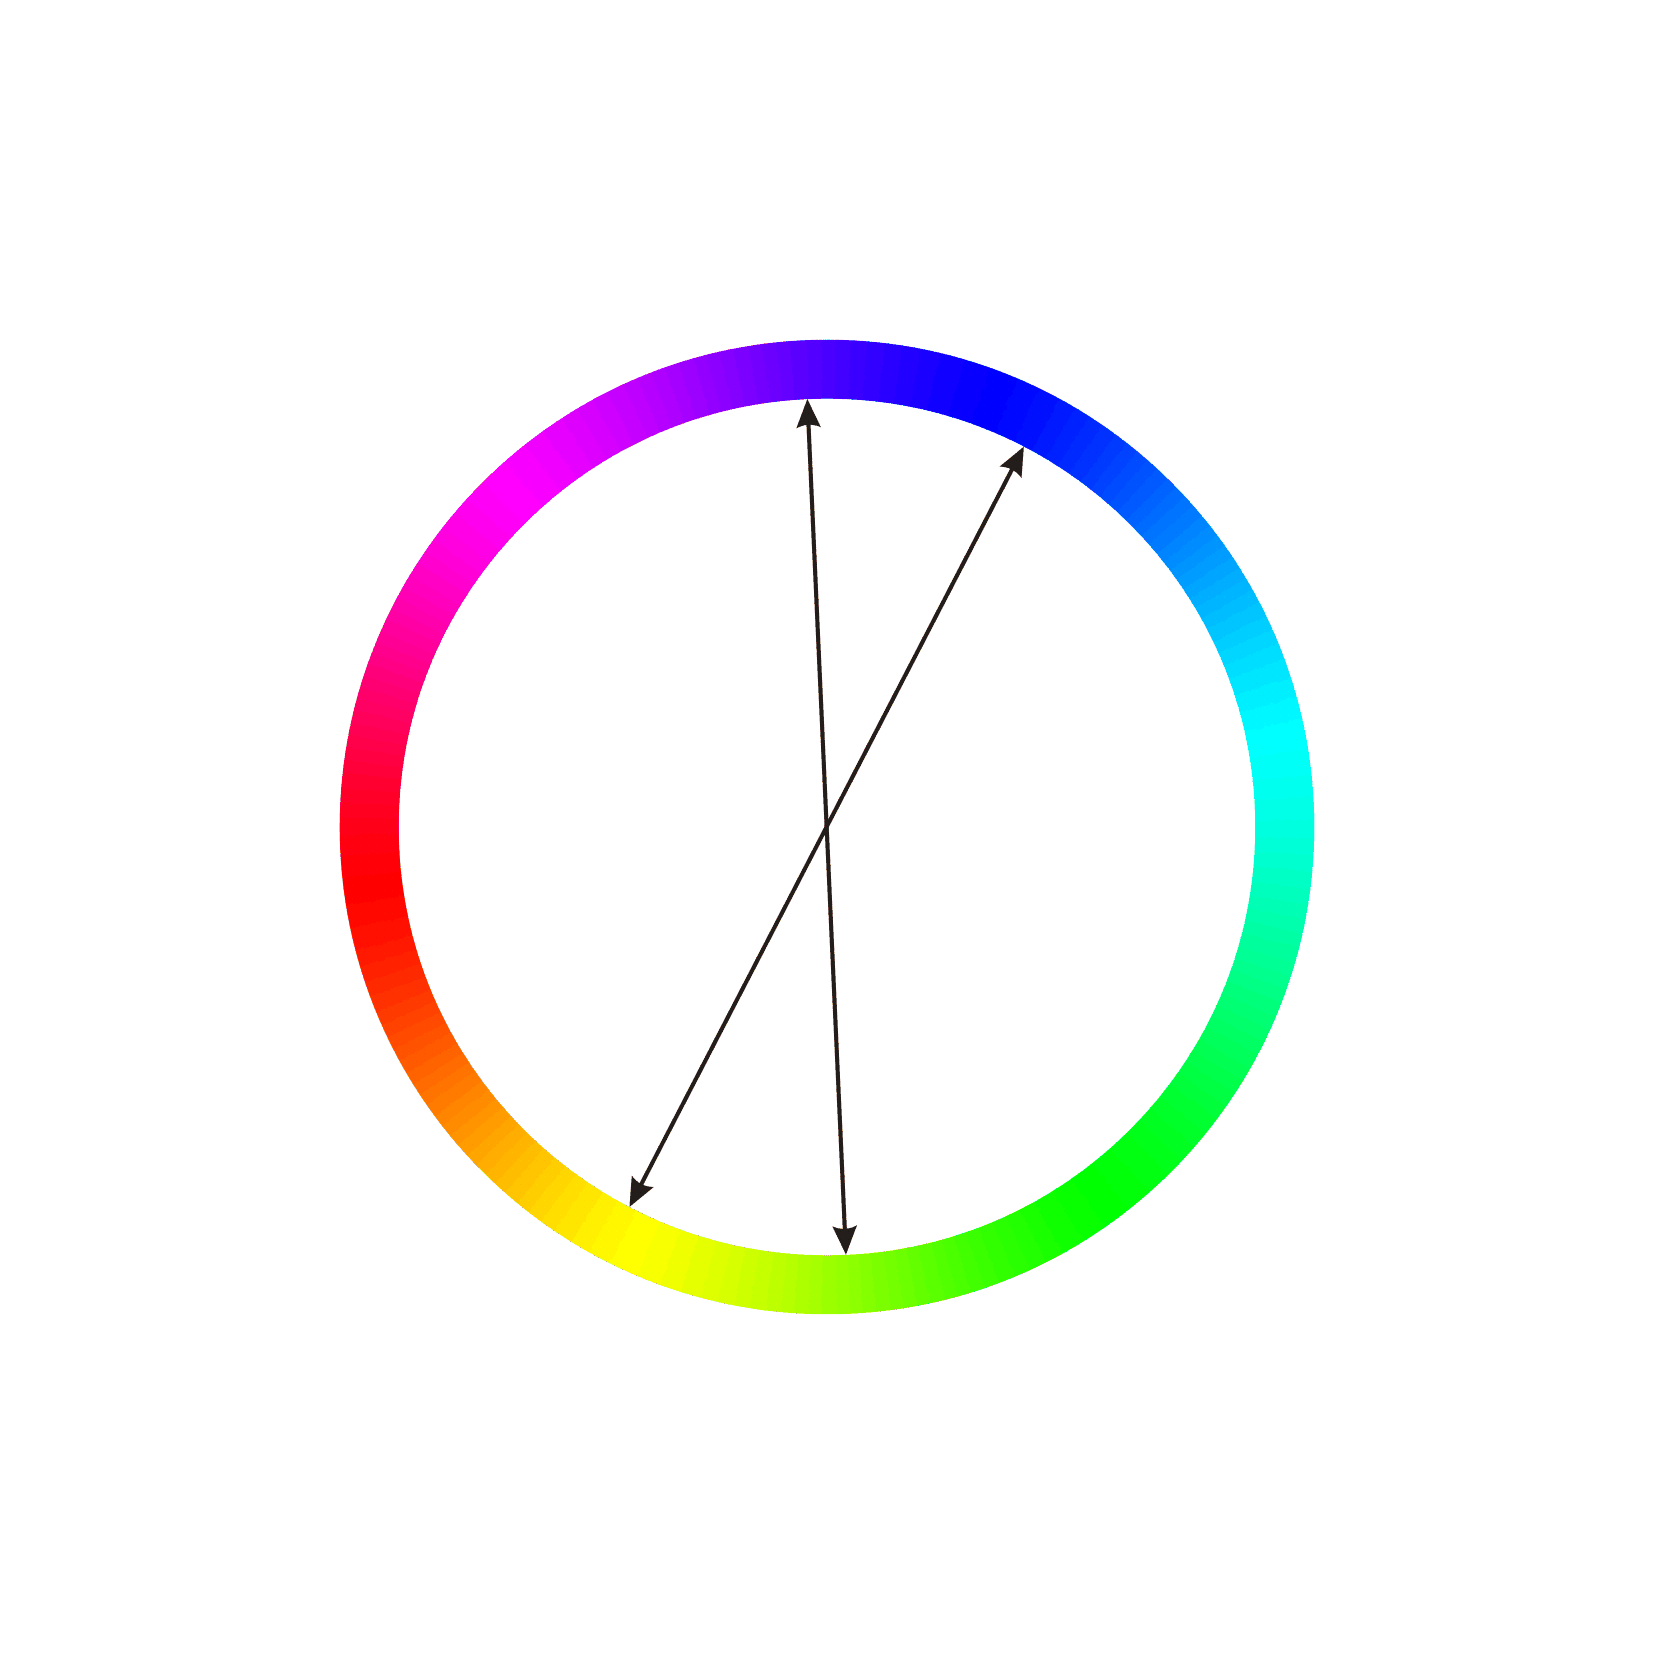 Komplementärfarbkreis